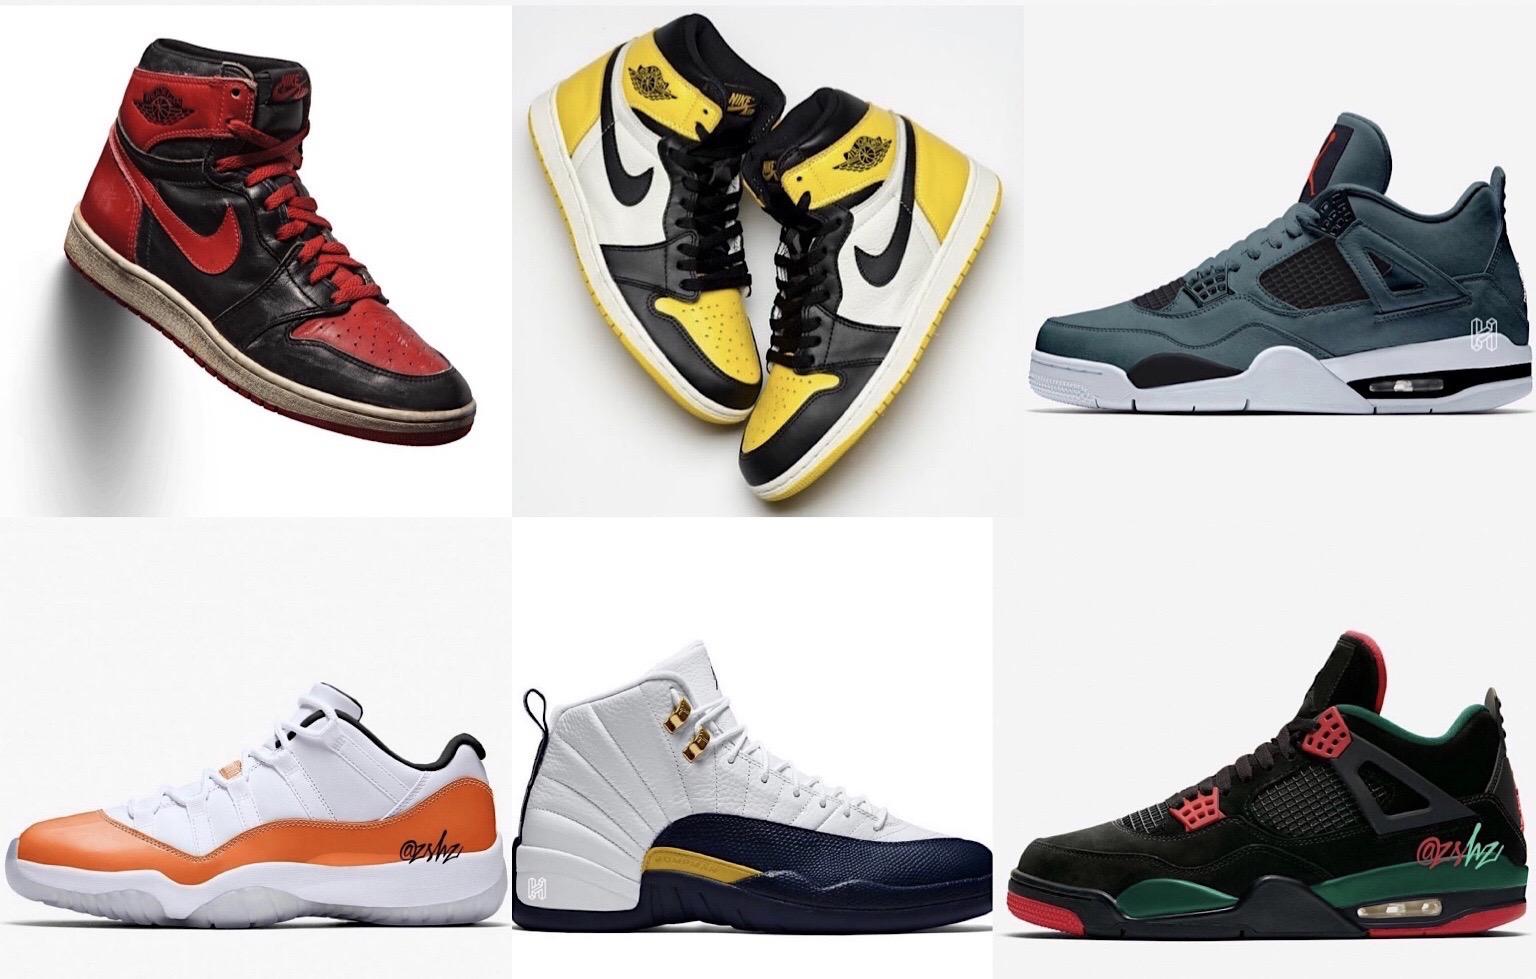 2020年Jordan大部队款式配色多到数不完!看完哪款你最爱?